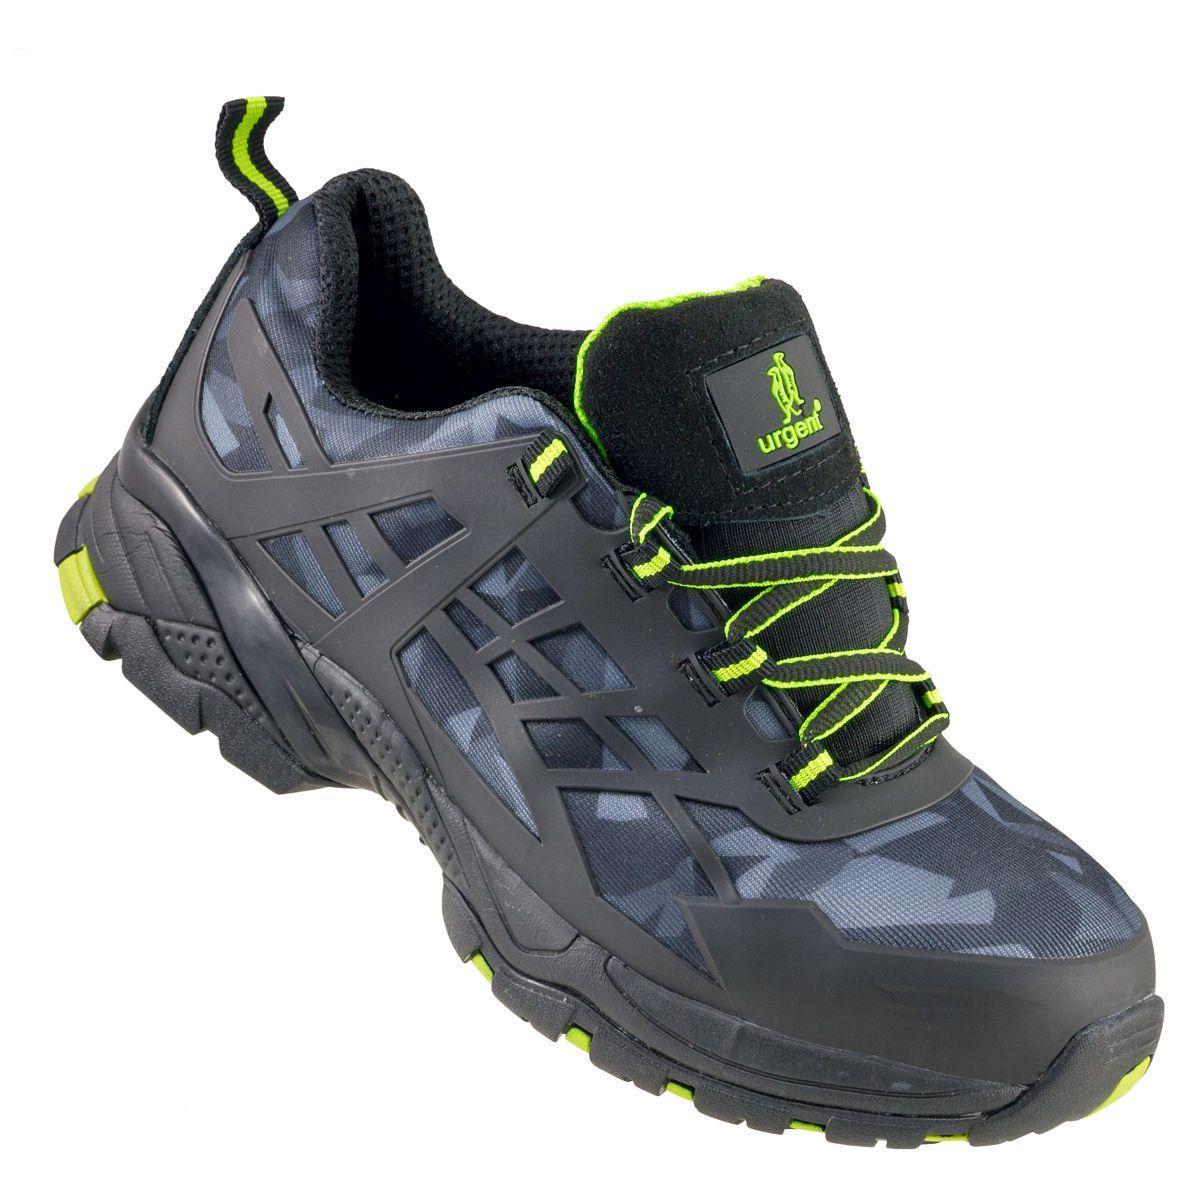 Кроссовки Półbut 238 S1 защитые с металлическим носком, черного цвета.  URGENT (POLAND)  40